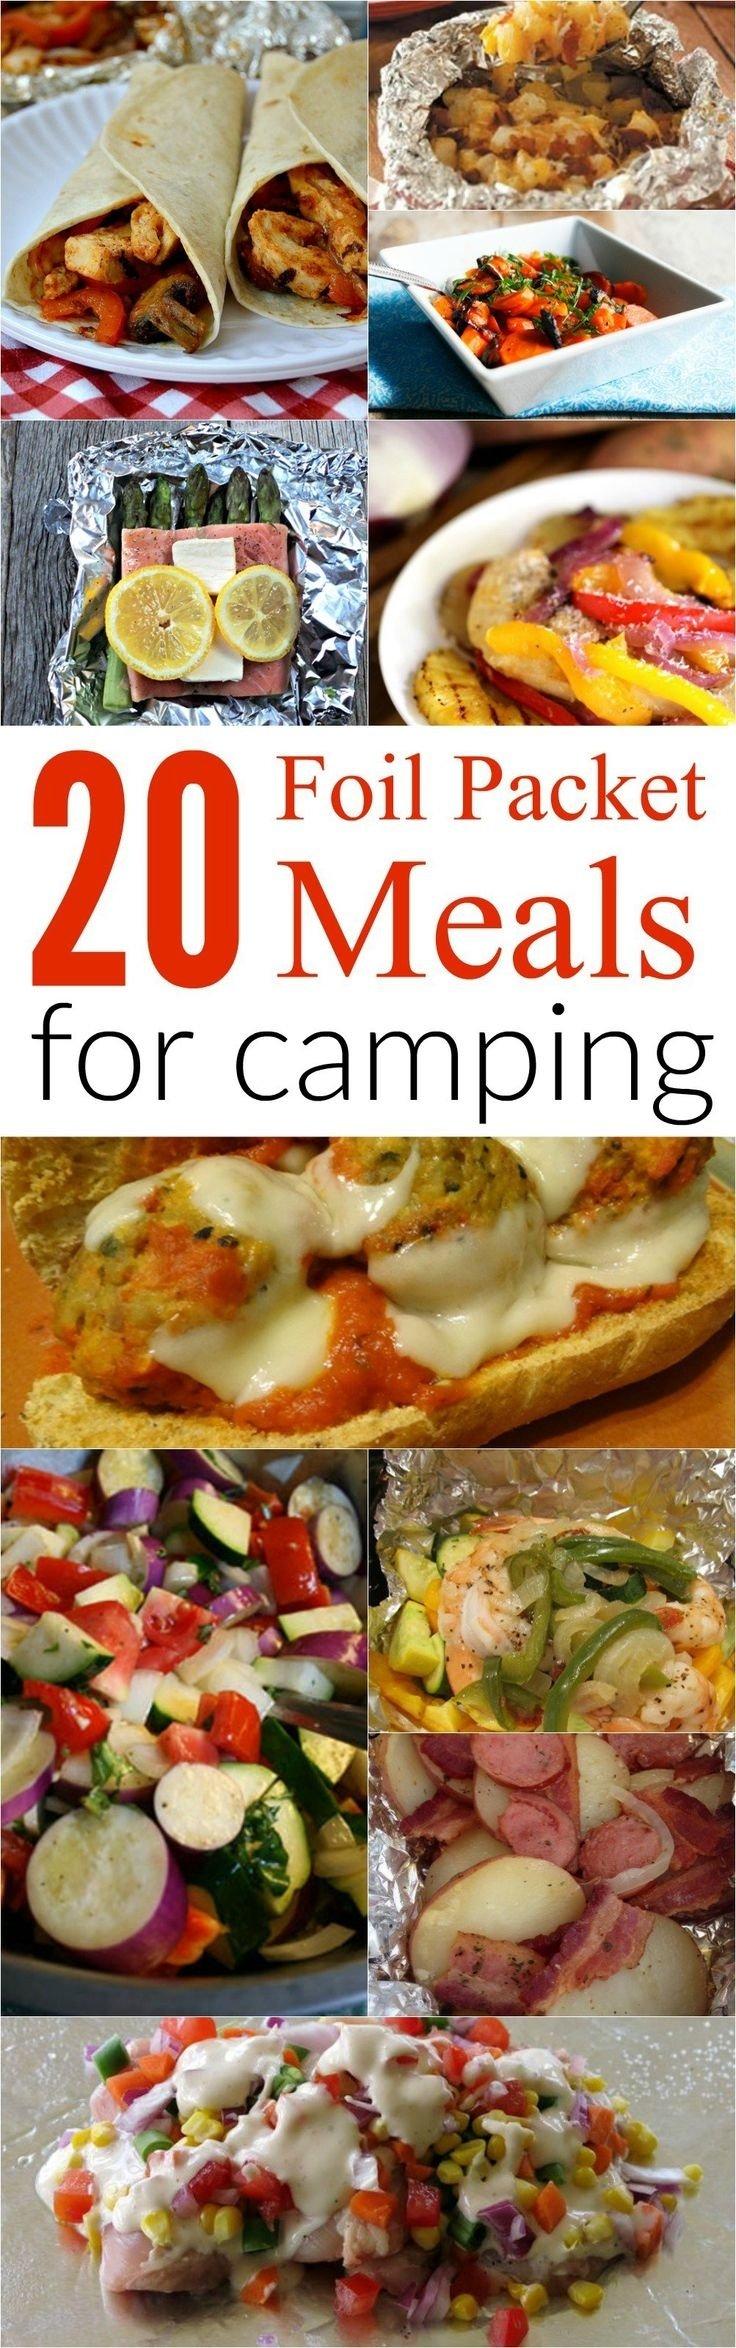 10 Nice Camping Food Ideas No Cooking Les 78 Meilleures Images Du Tableau Sur